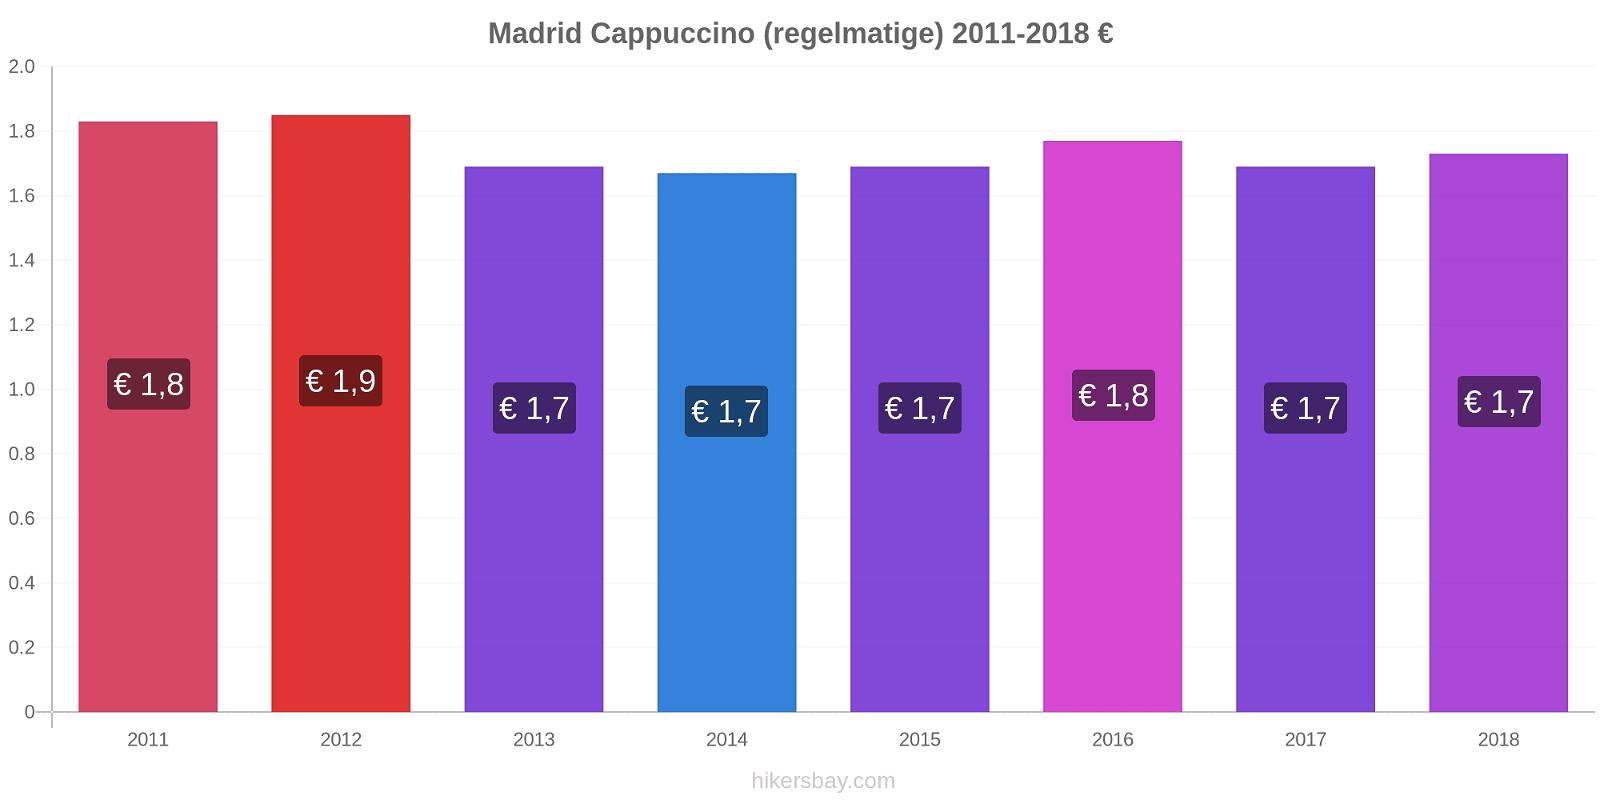 Madrid prijswijzigingen Cappuccino (regelmatige) hikersbay.com